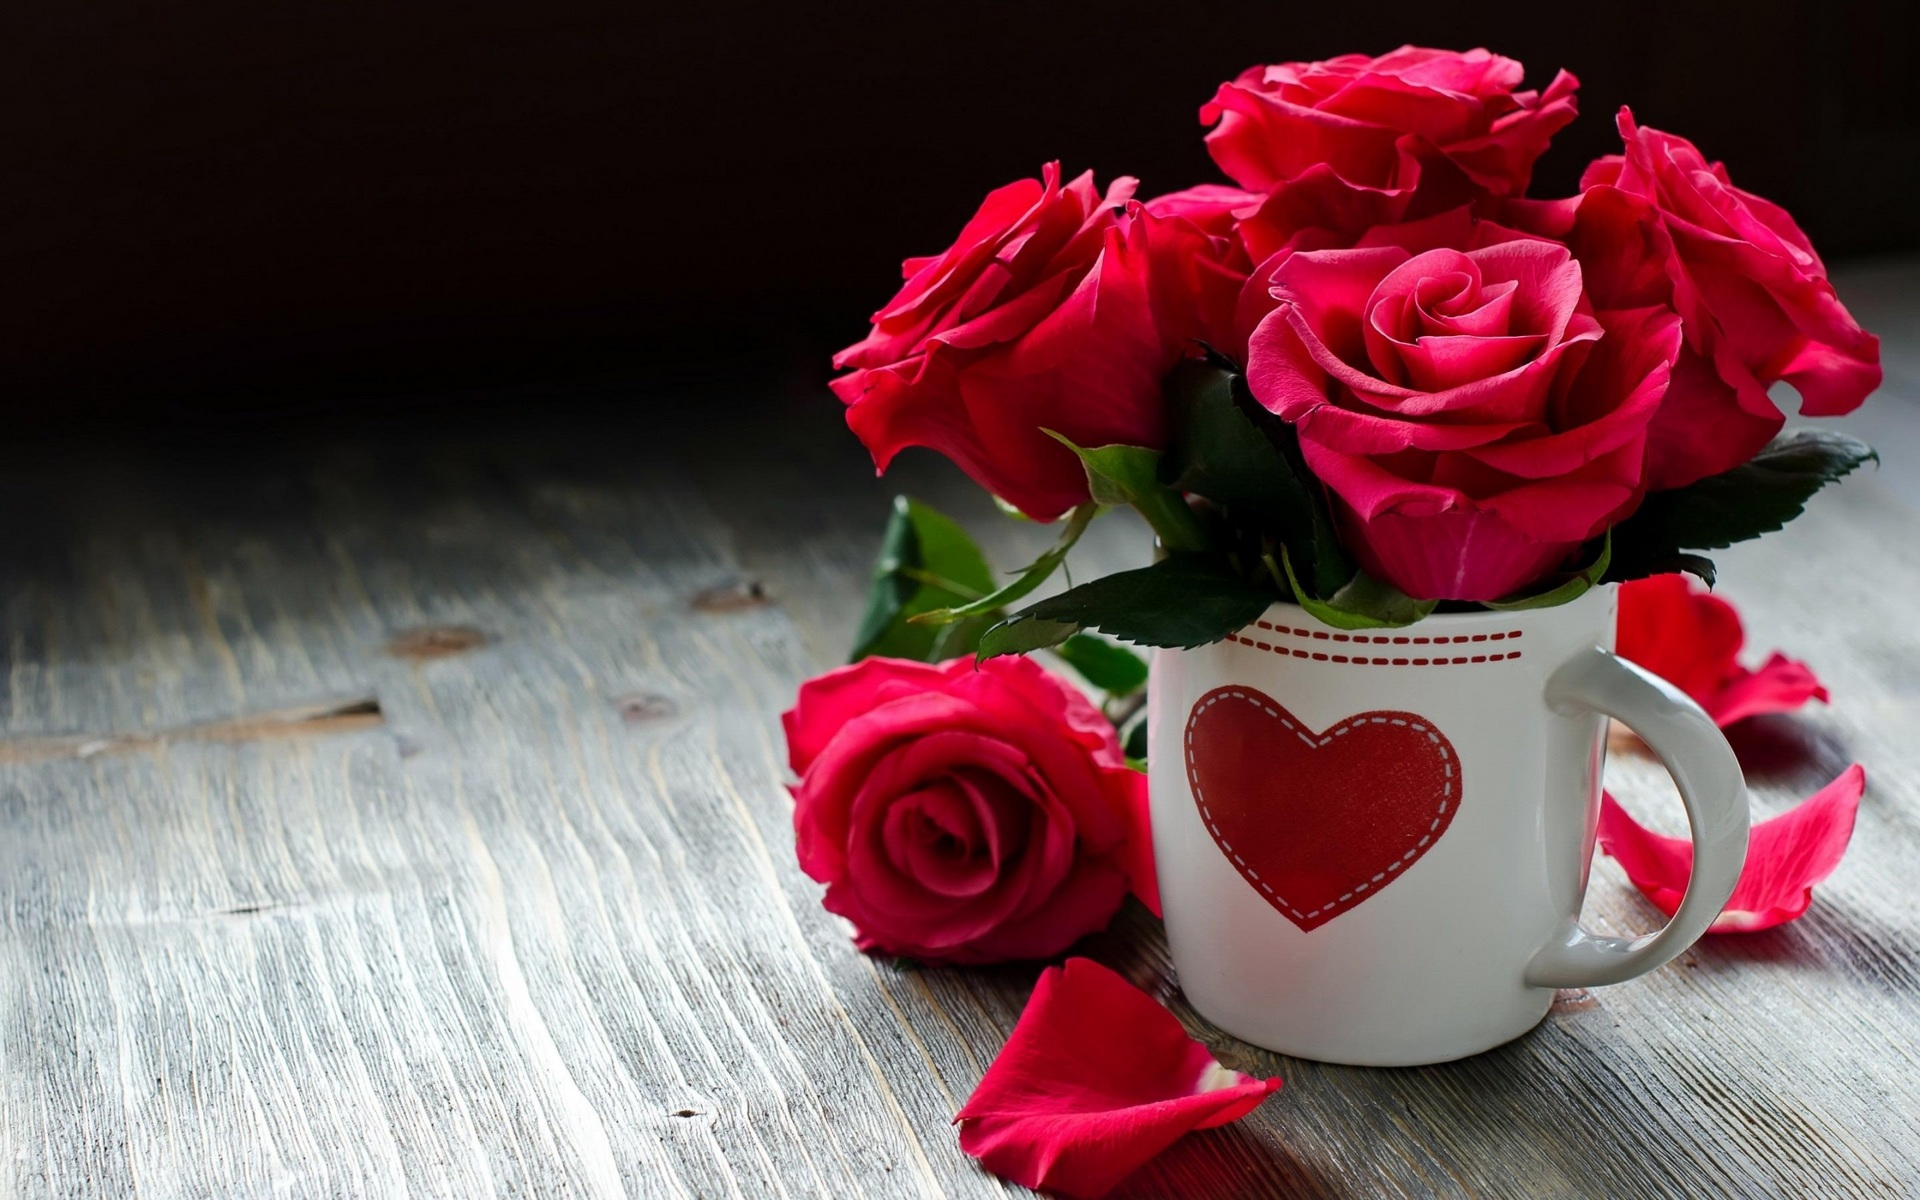 розы для статуса картинки большой выбор насосов